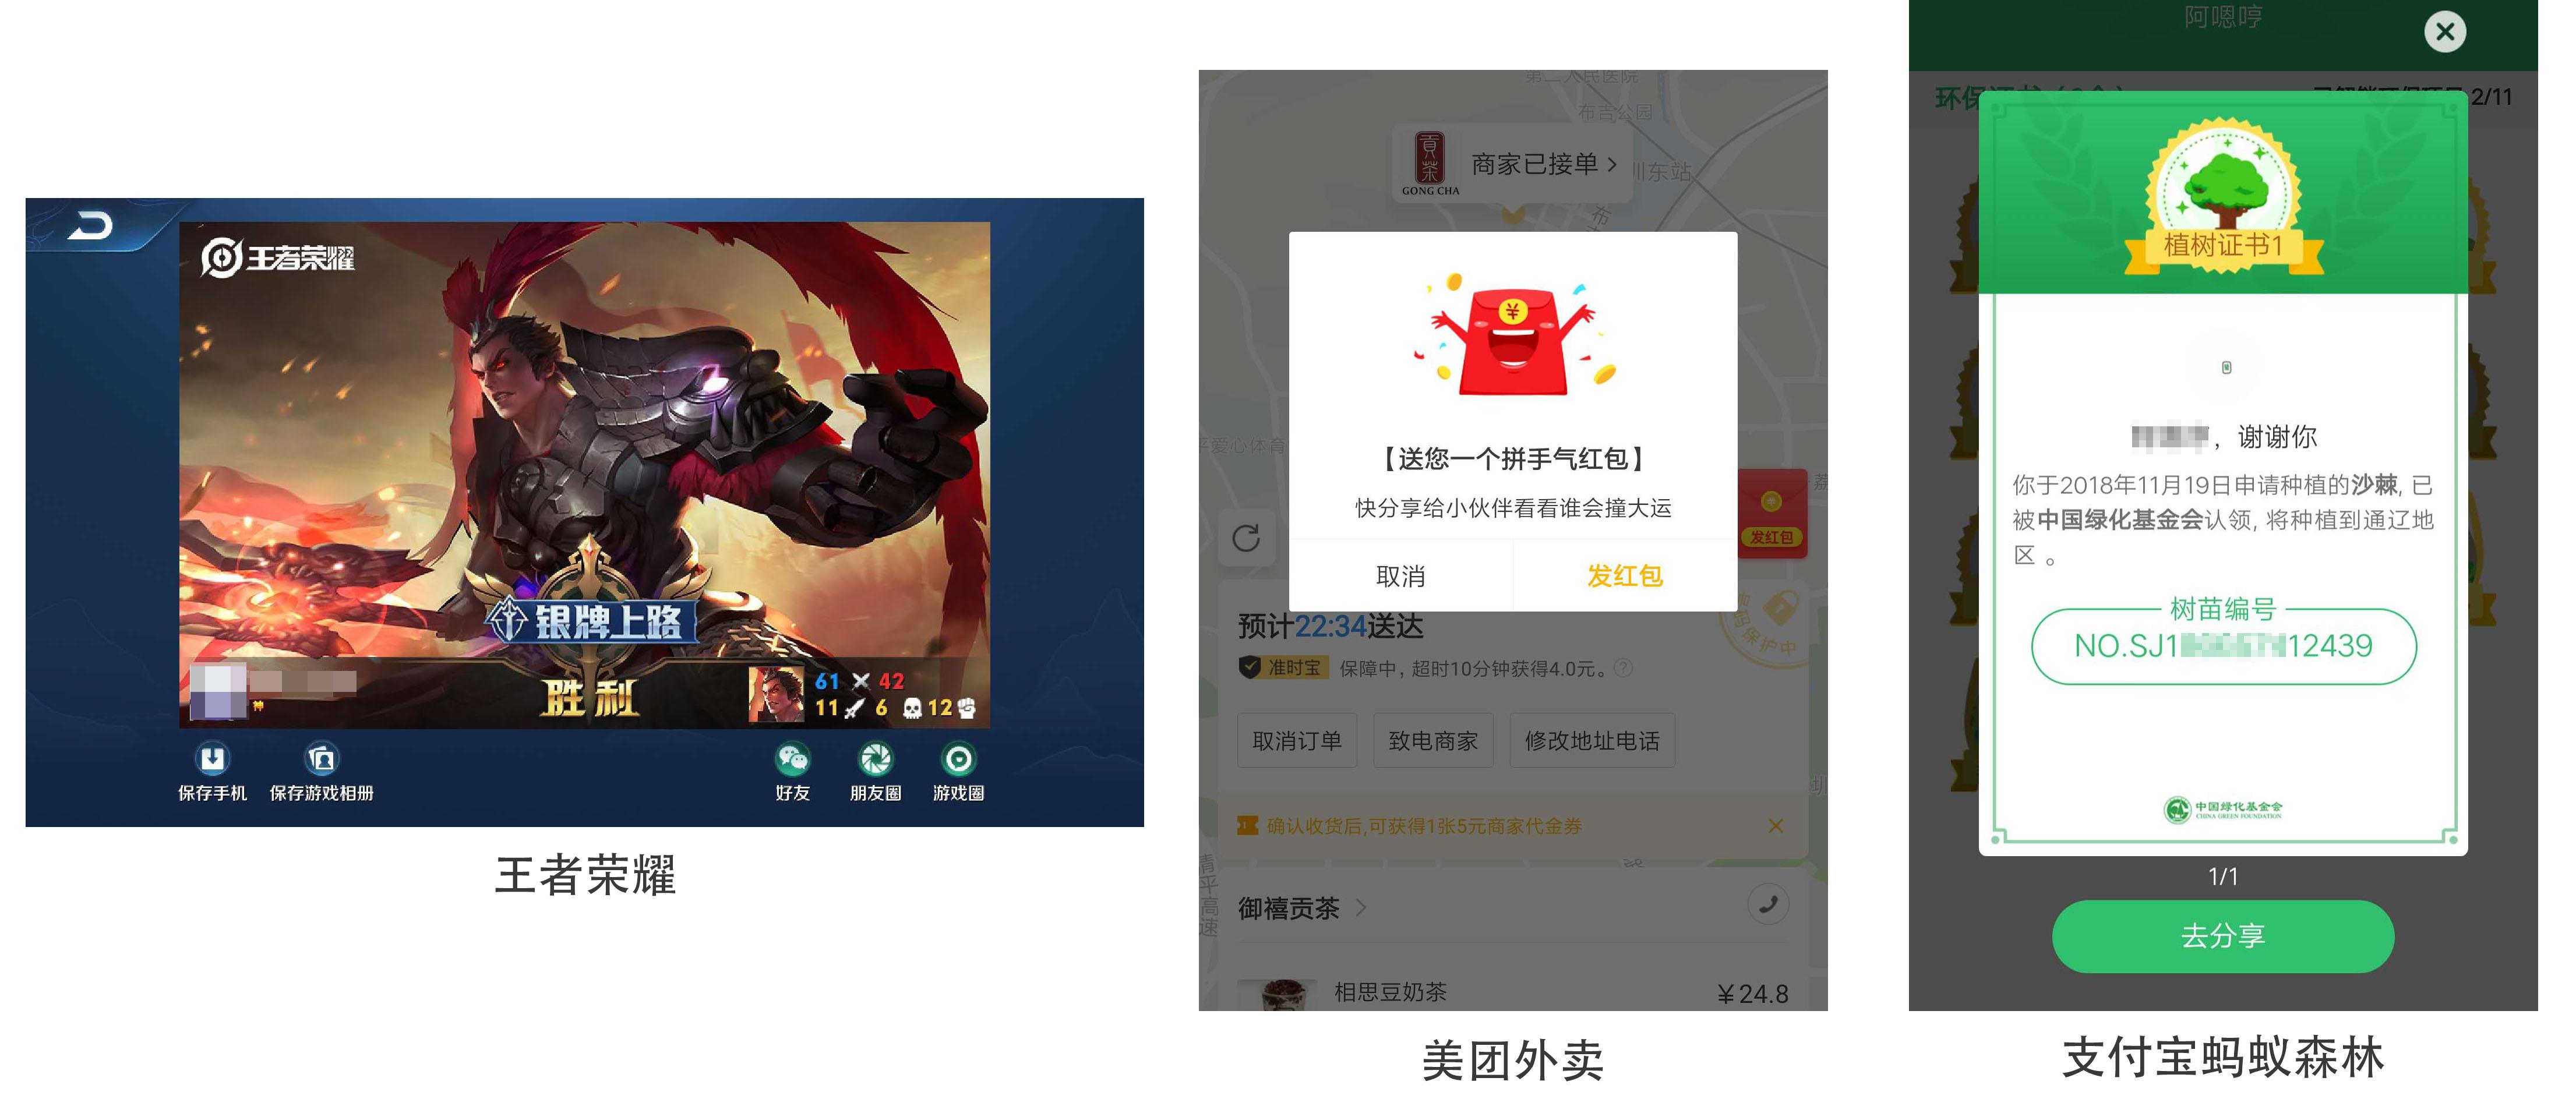 裂变、分享、传播:App推广社交玩法全解析